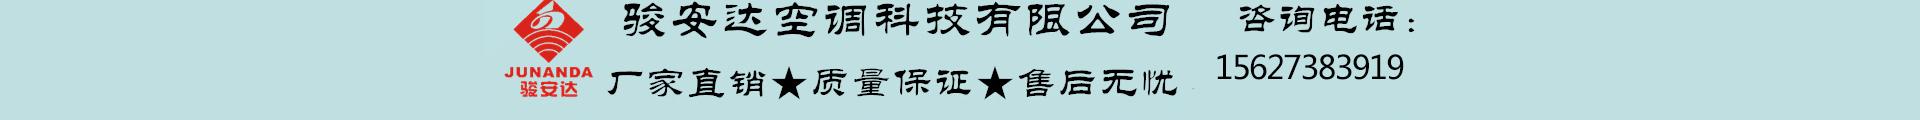 东莞市骏安达空调科技有限公司